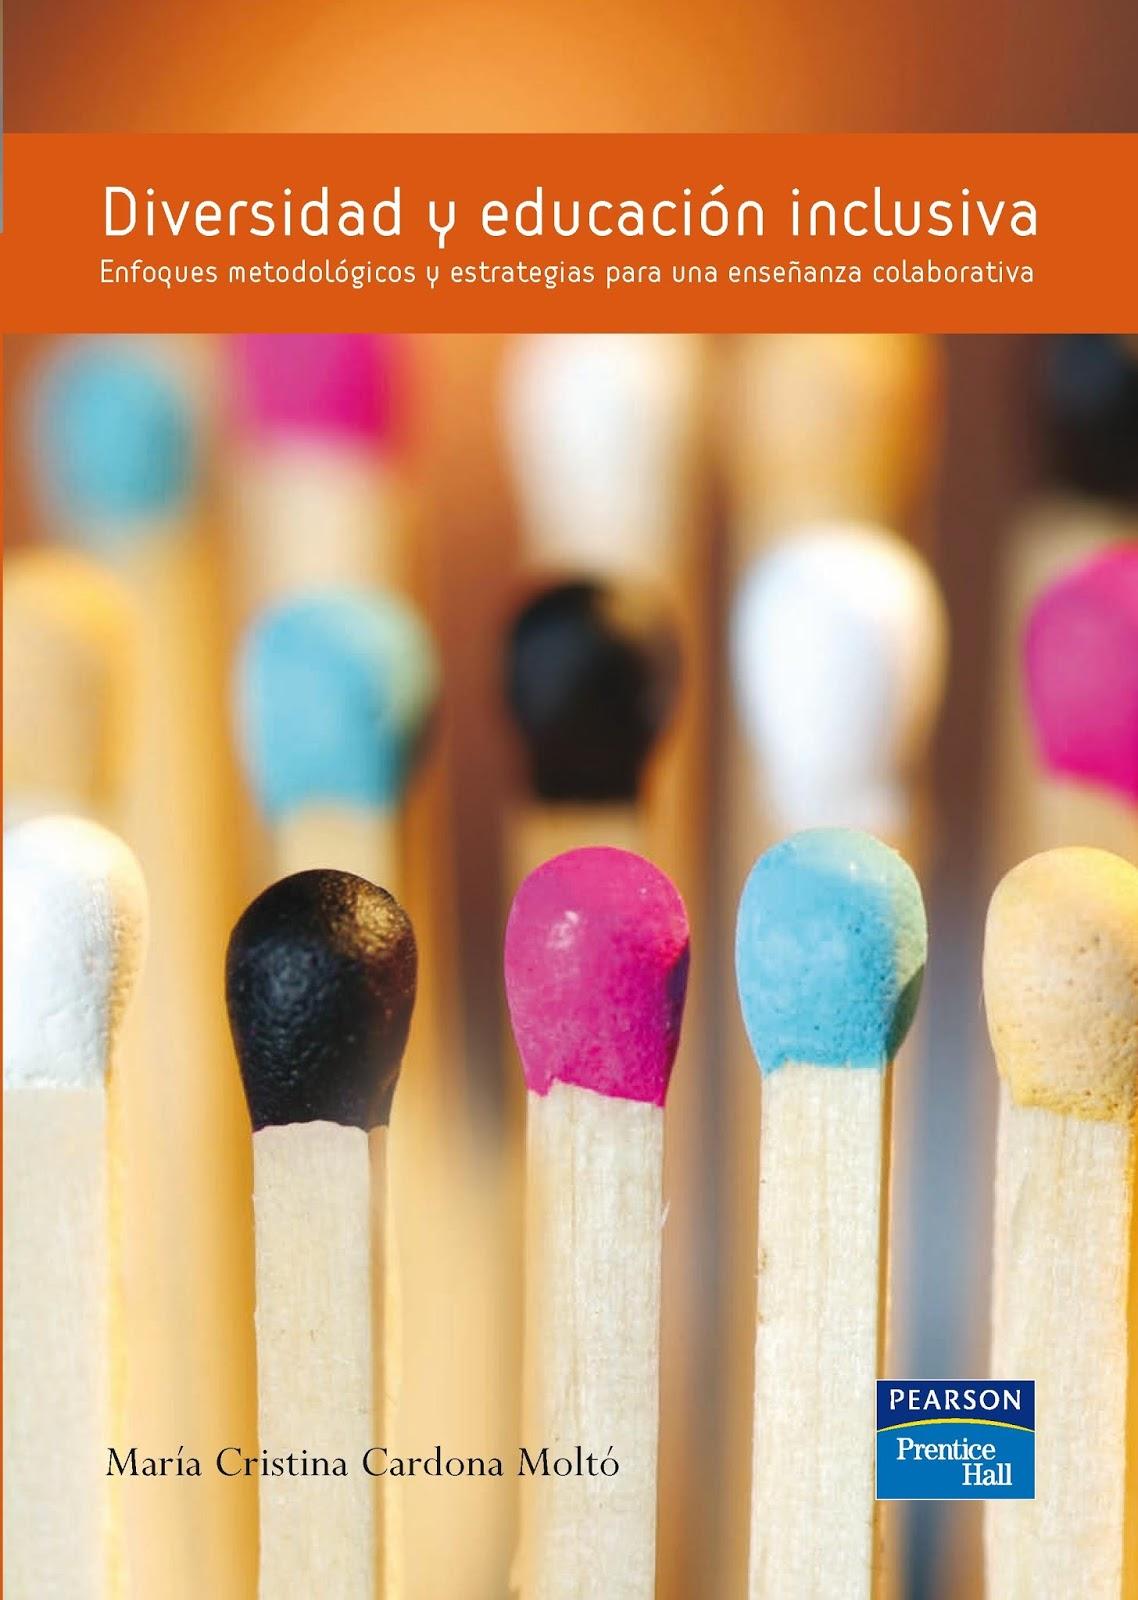 Diversidad y educación inclusiva: Enfoques metodológicos y estrategias para una enseñanza colaborativa – María Cristina Cardona Moltó